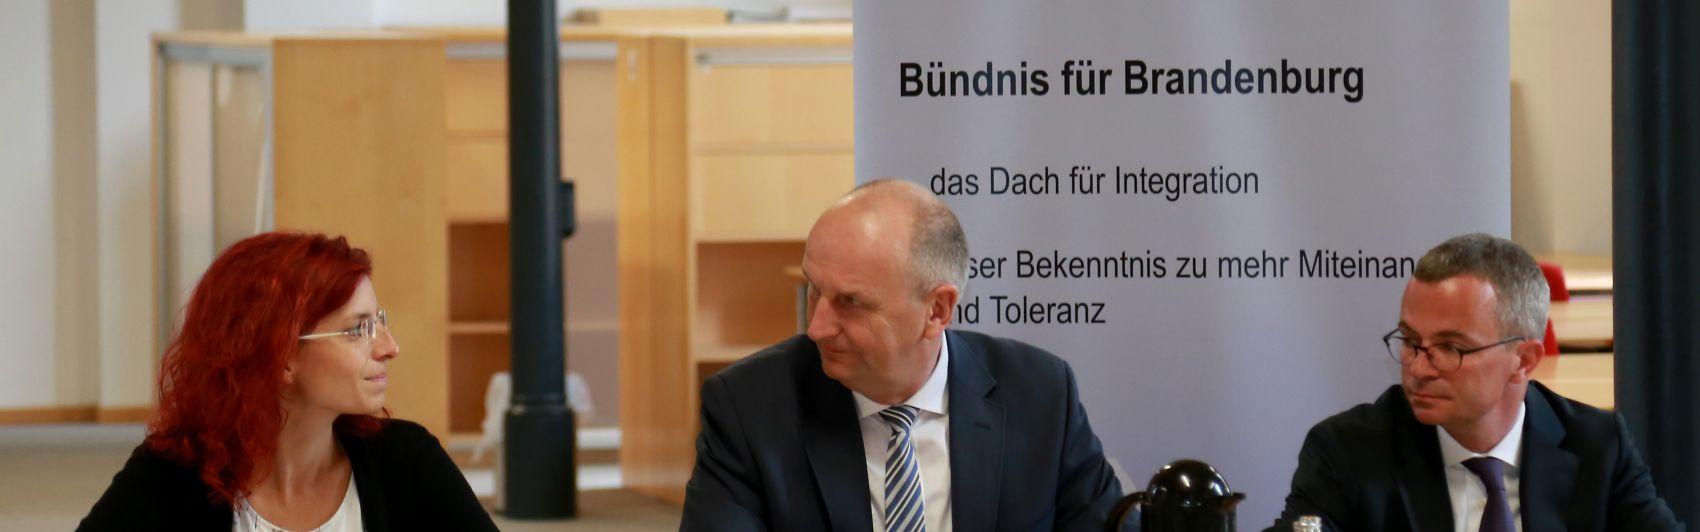 Diana Golze, Dr. Dietmar Woidke und Albrecht Gerber